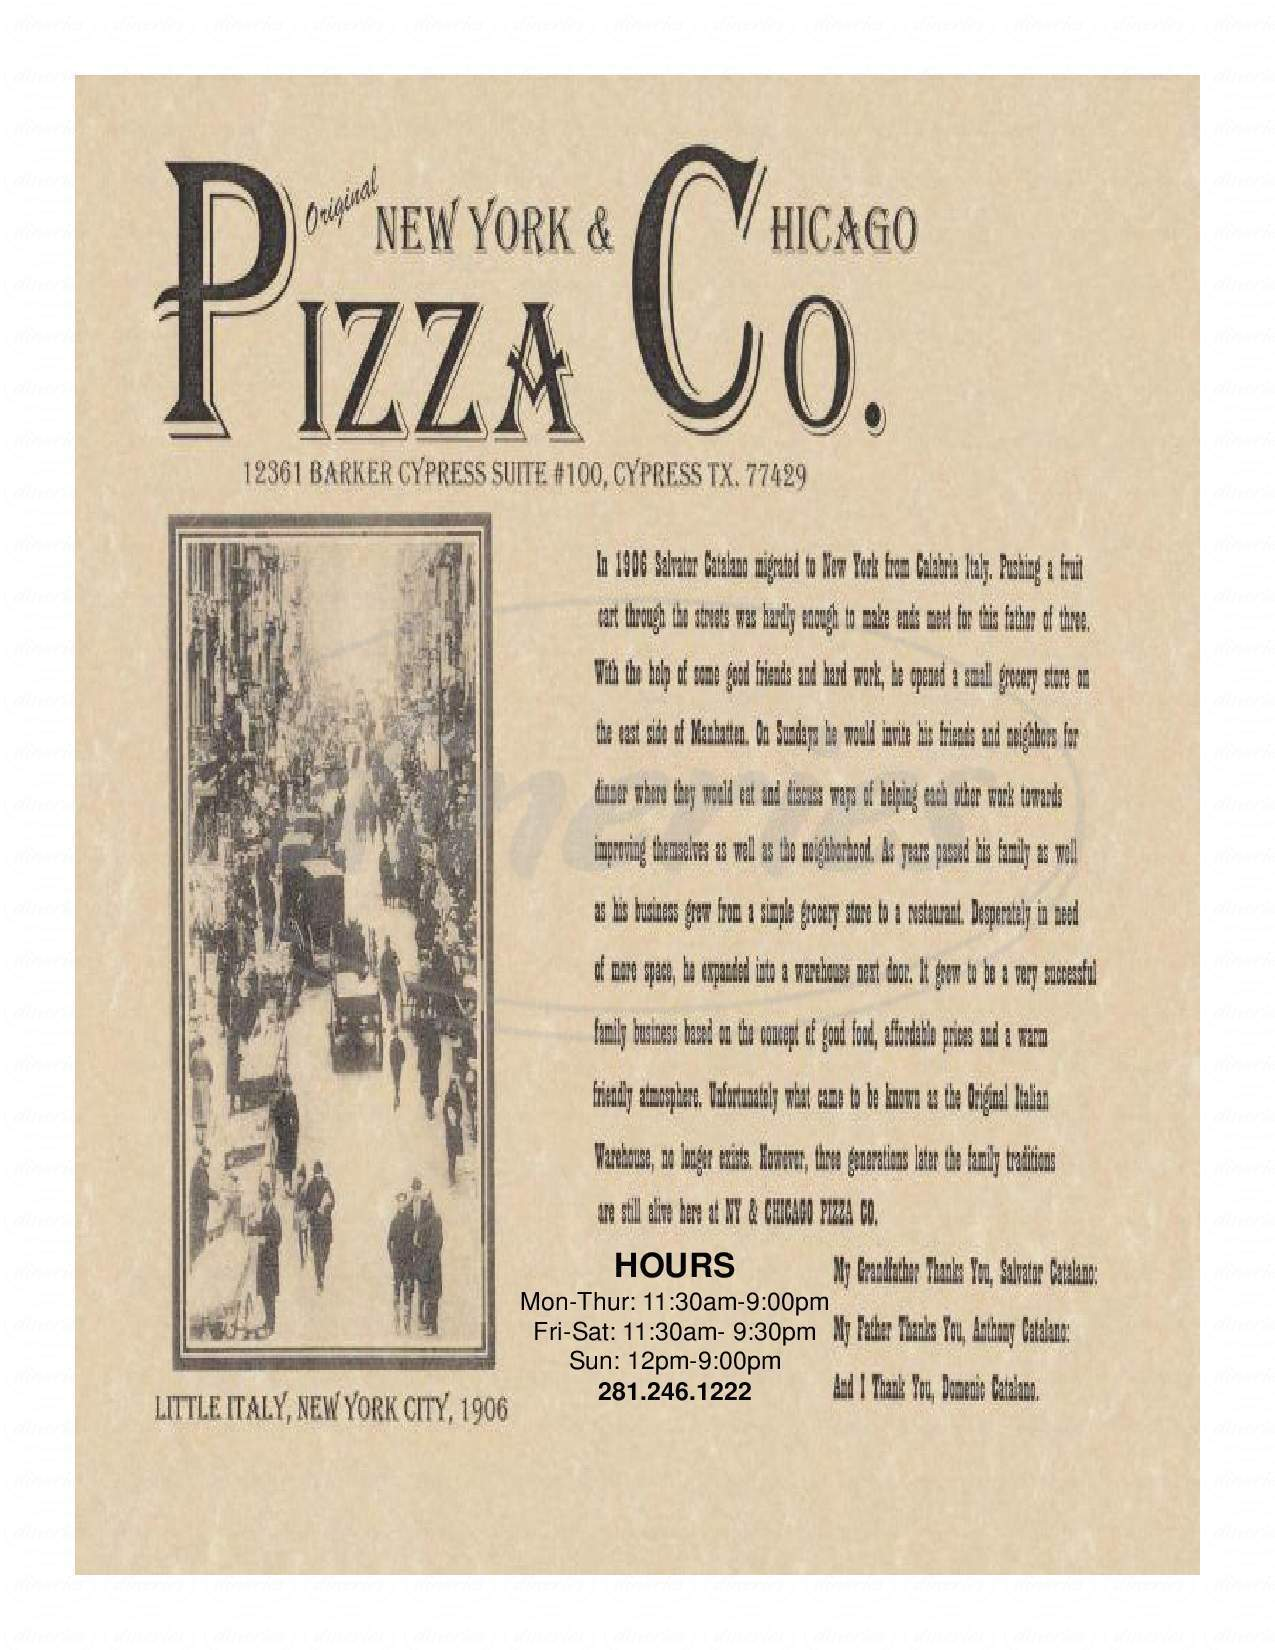 menu for Original New York & Chicago Pizza Company